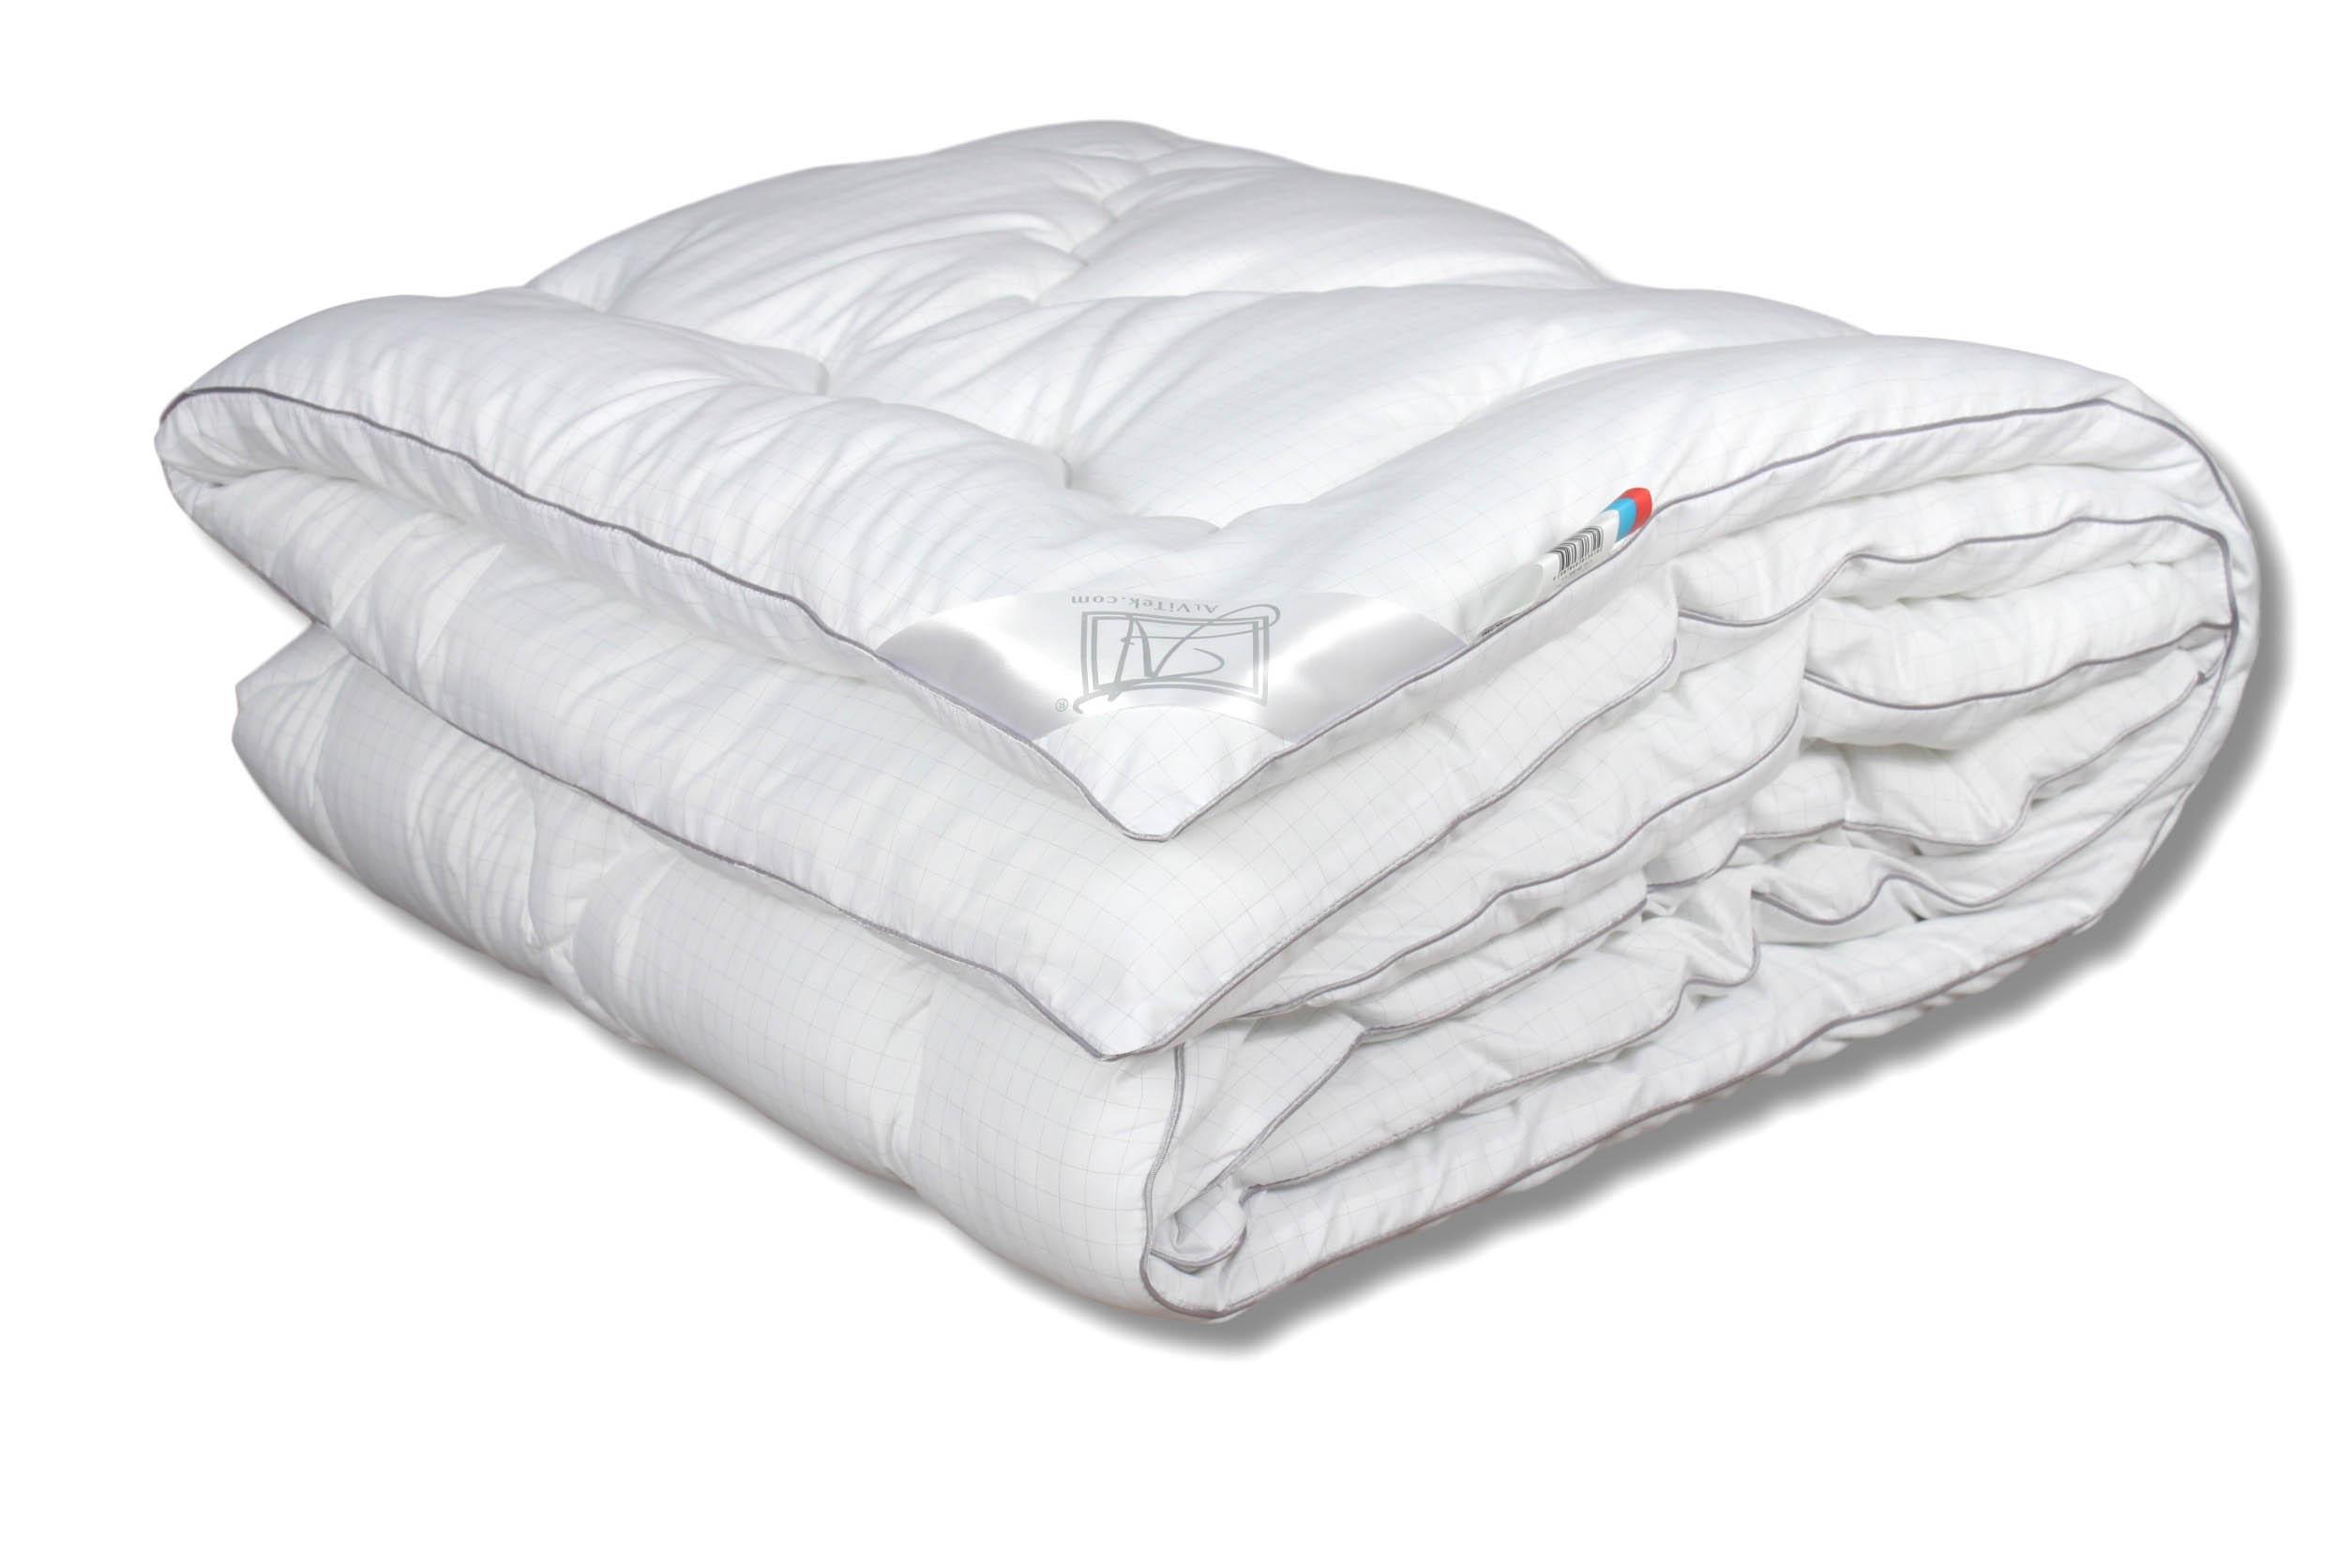 где купить Одеяла AlViTek Одеяло Карбон Легкое (200х220 см) по лучшей цене